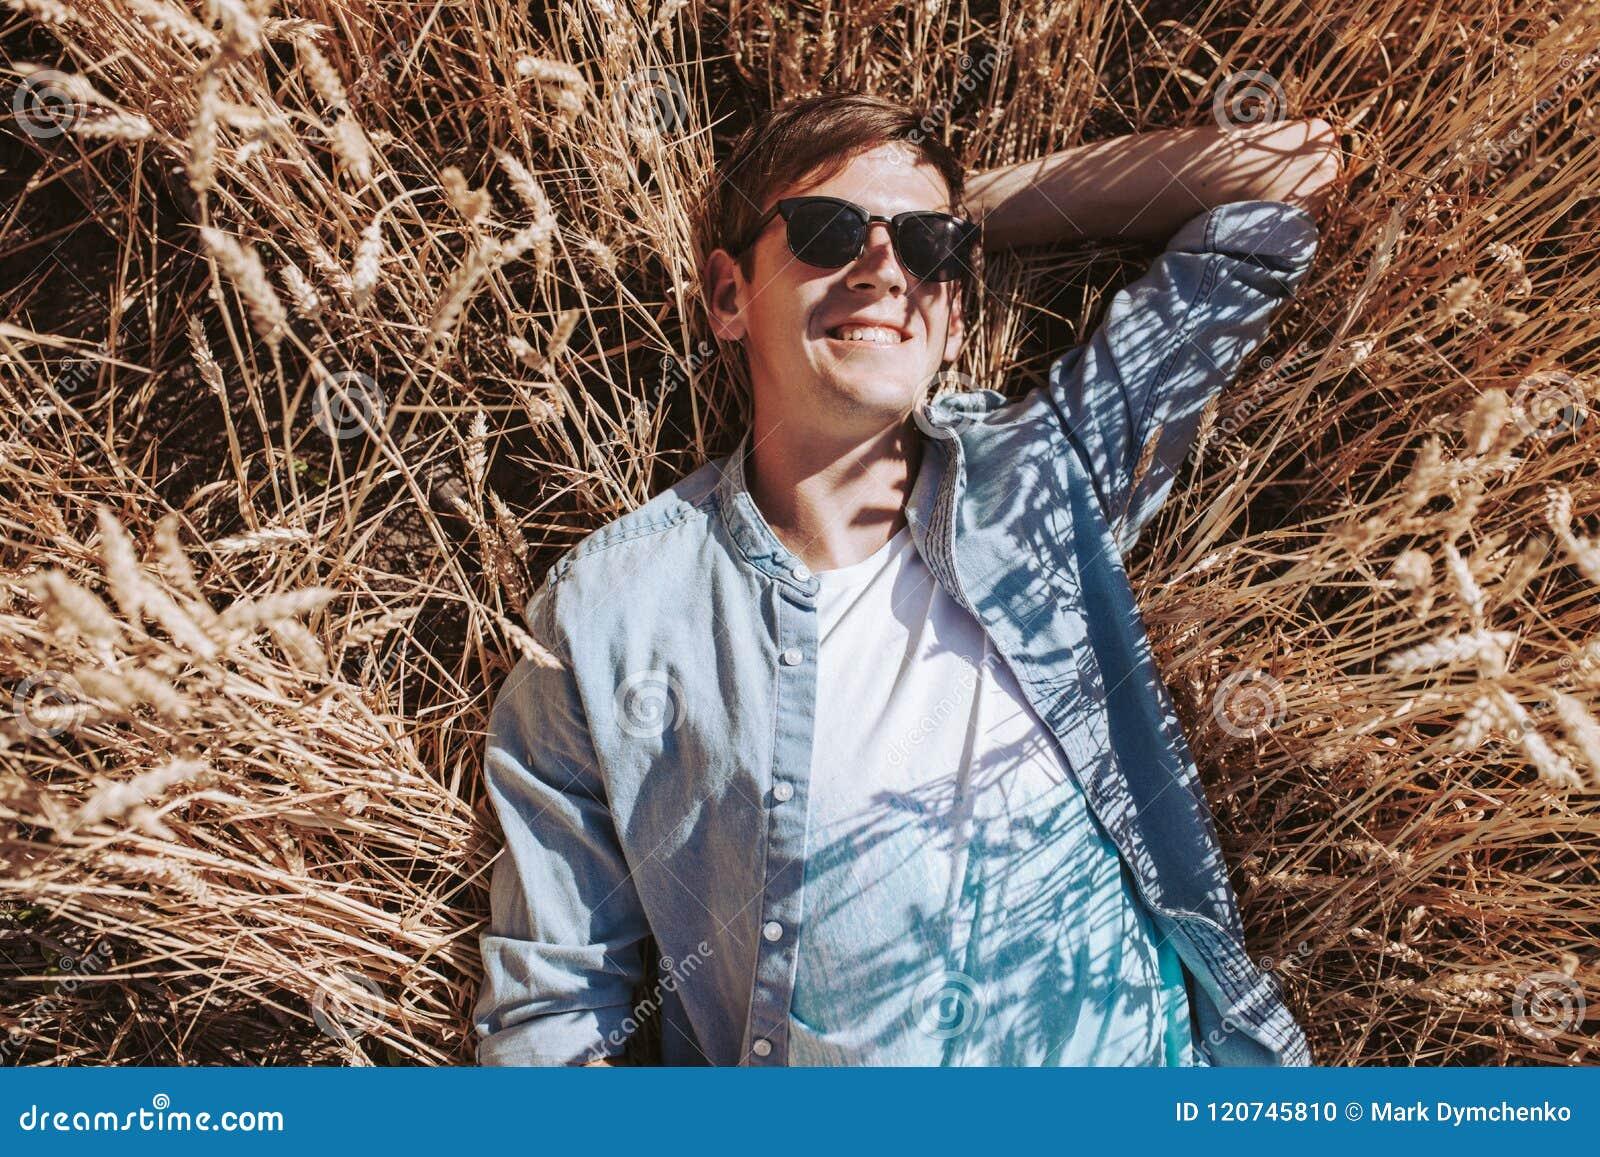 Stående av en man i ett vetefält, en grabb med exponeringsglas och ett lock, i stilen av mode